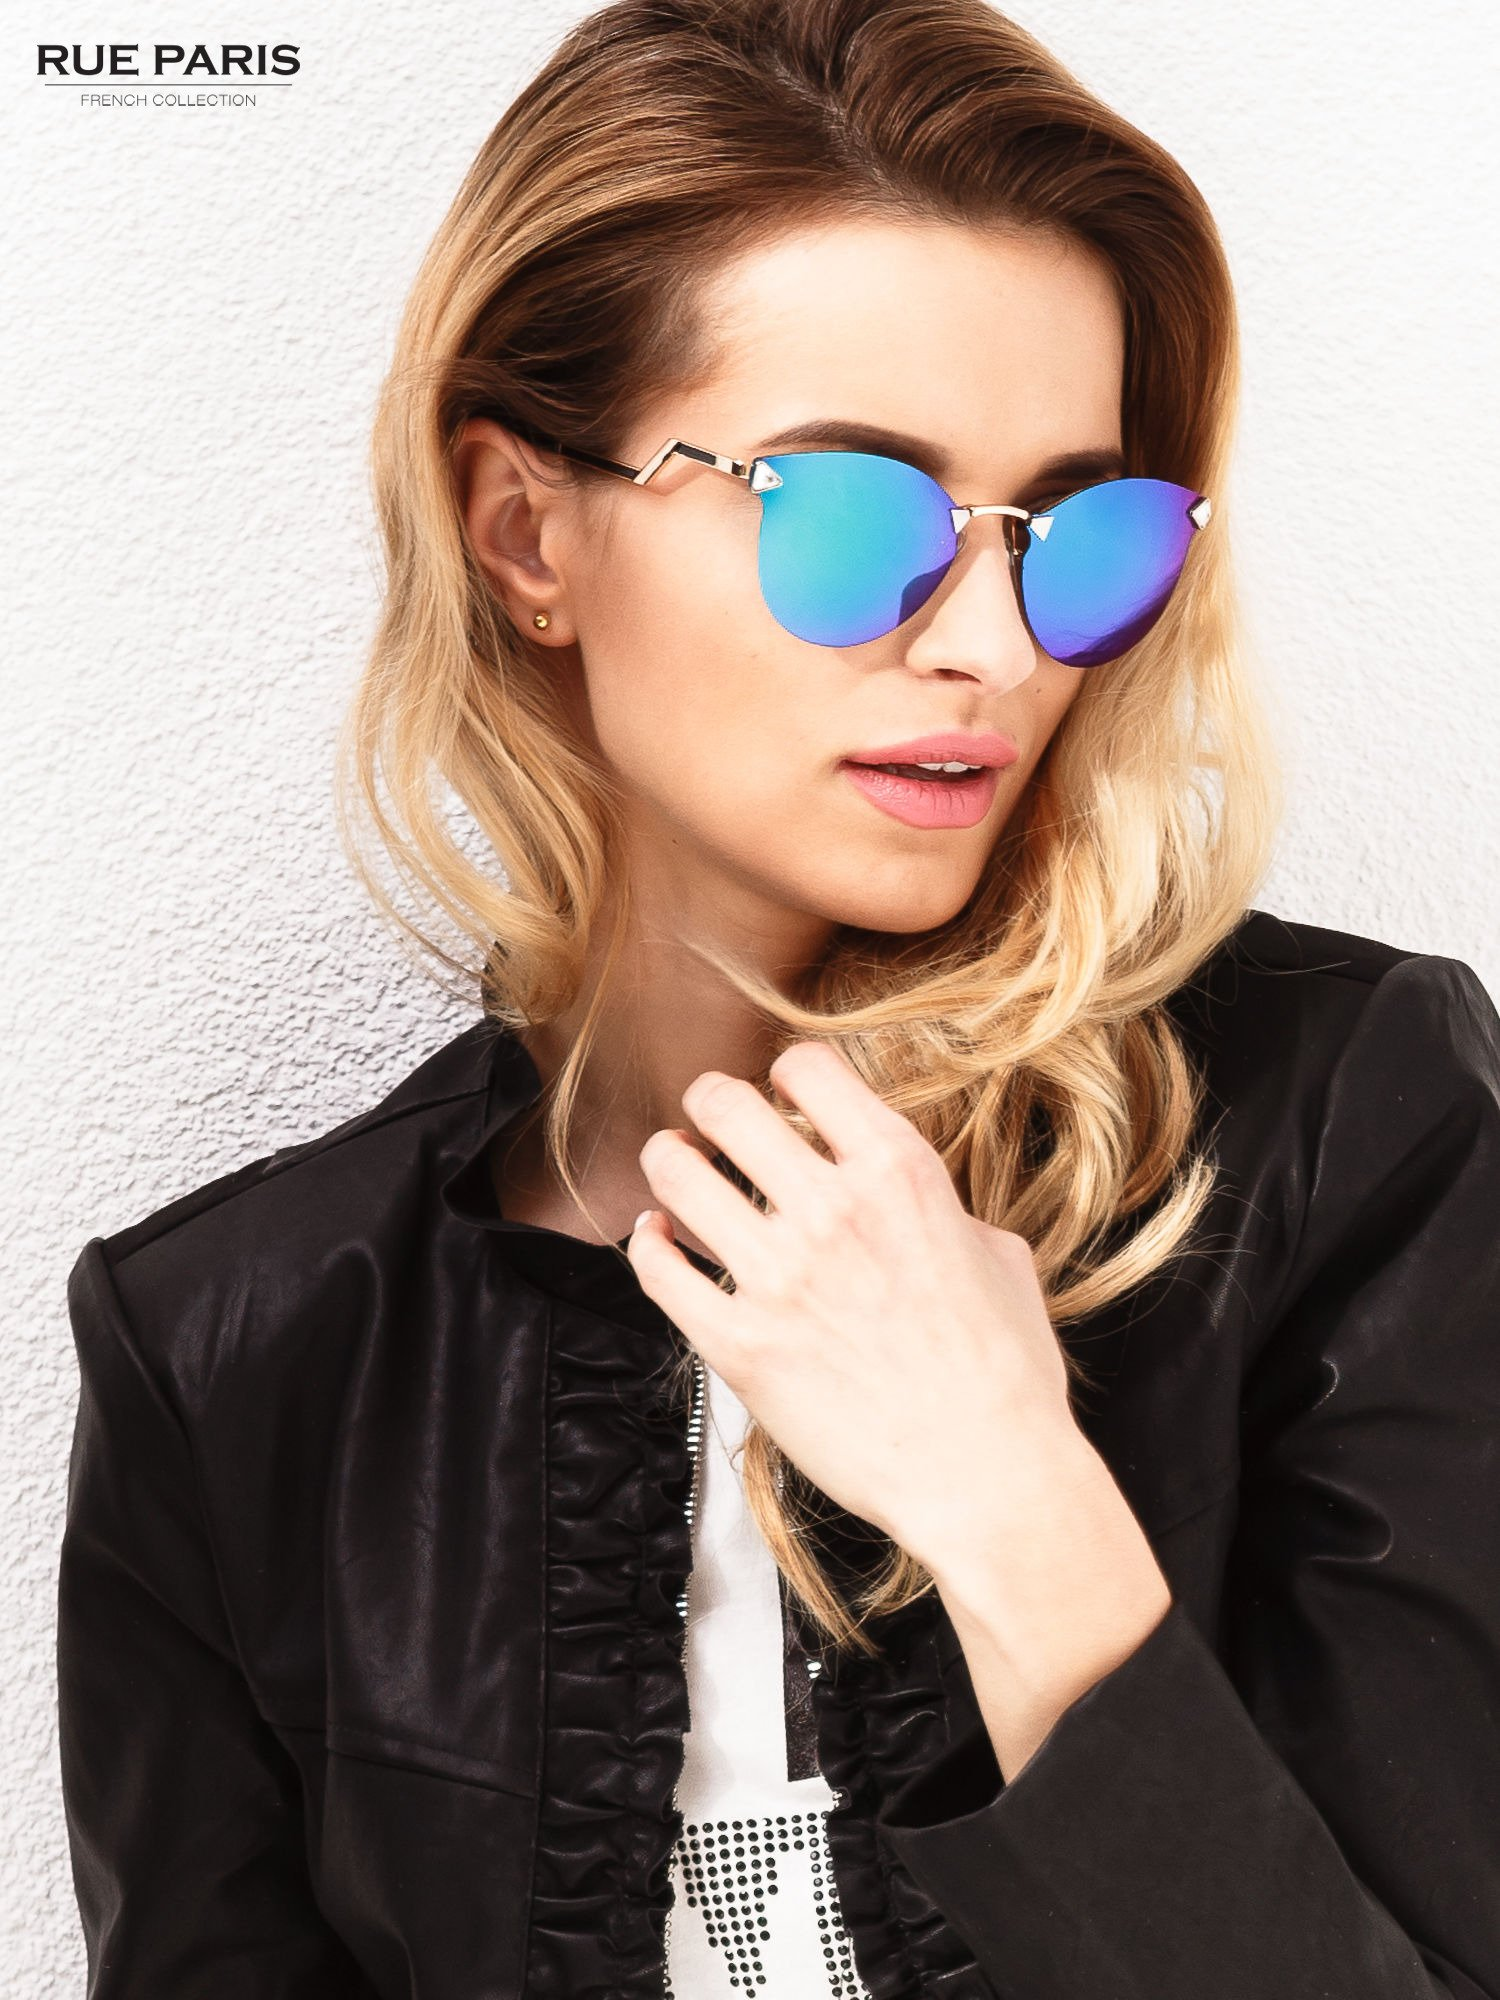 Niebiesko-zielone okulary przeciwsłoneczne stylizowane na FENDI                                  zdj.                                  1